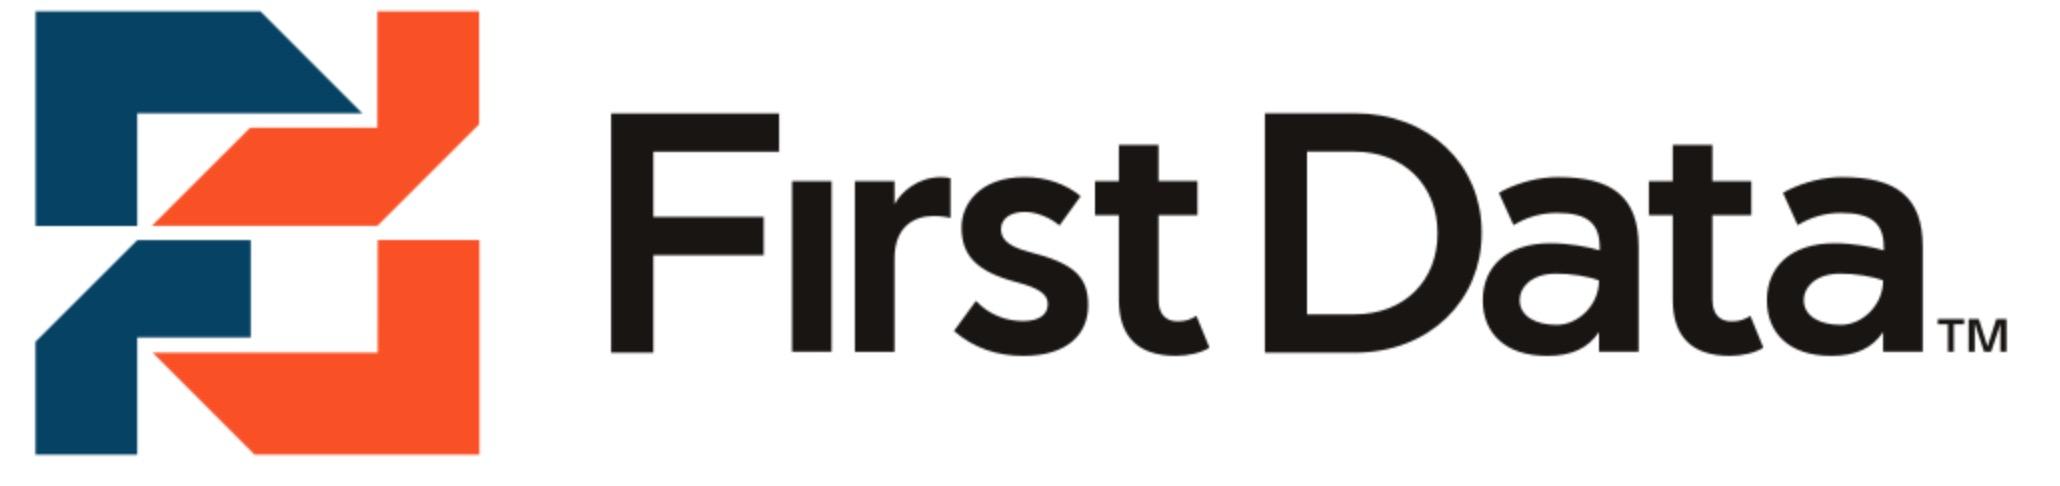 first data logo.jpg